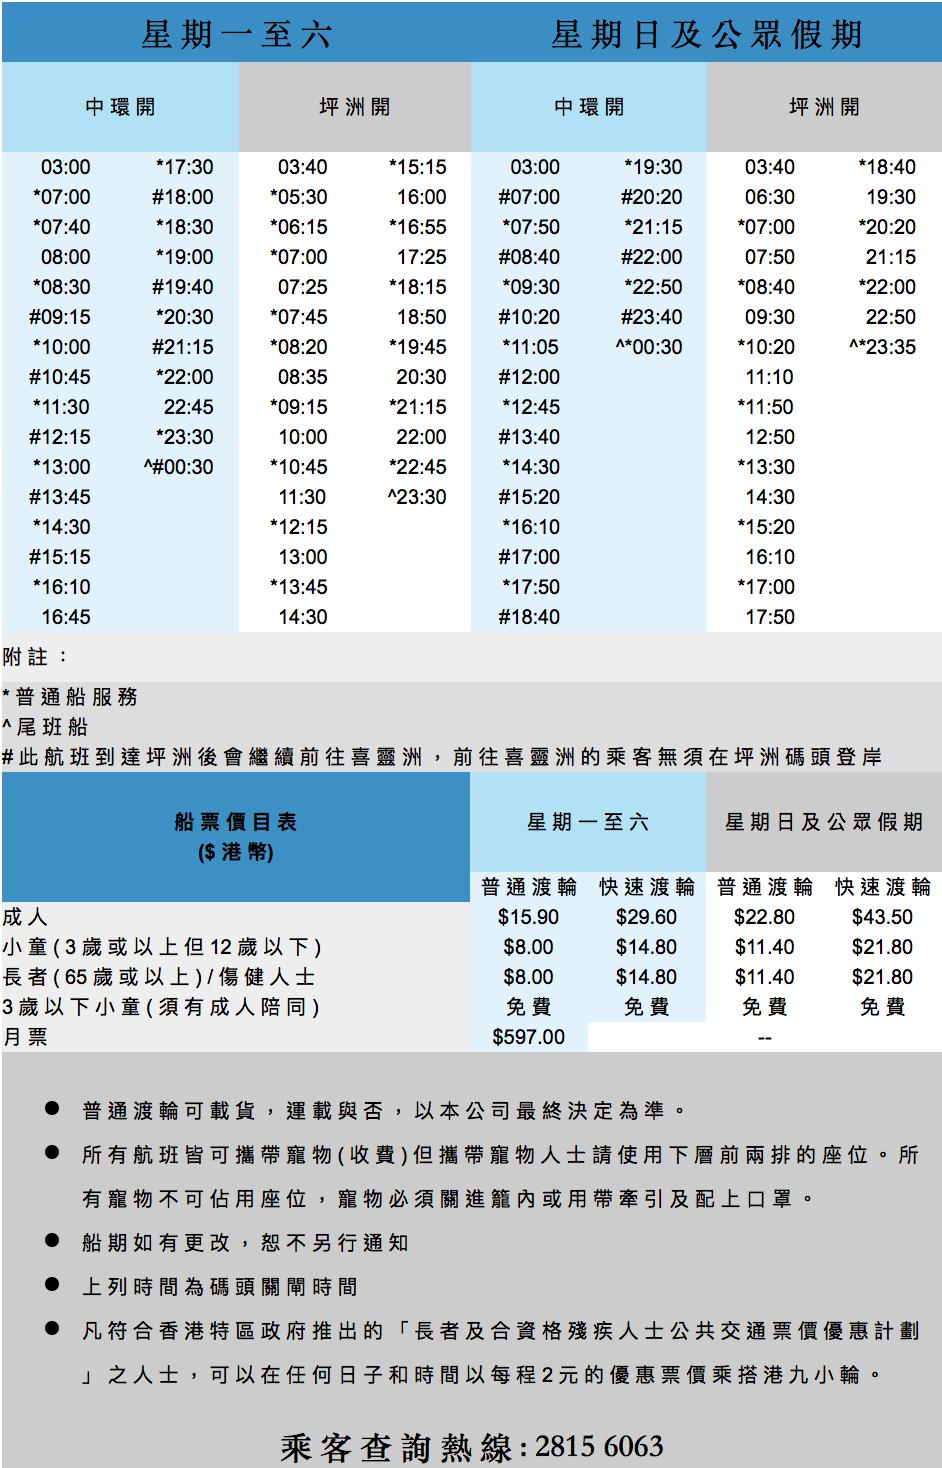 中環-坪洲輪渡時間表